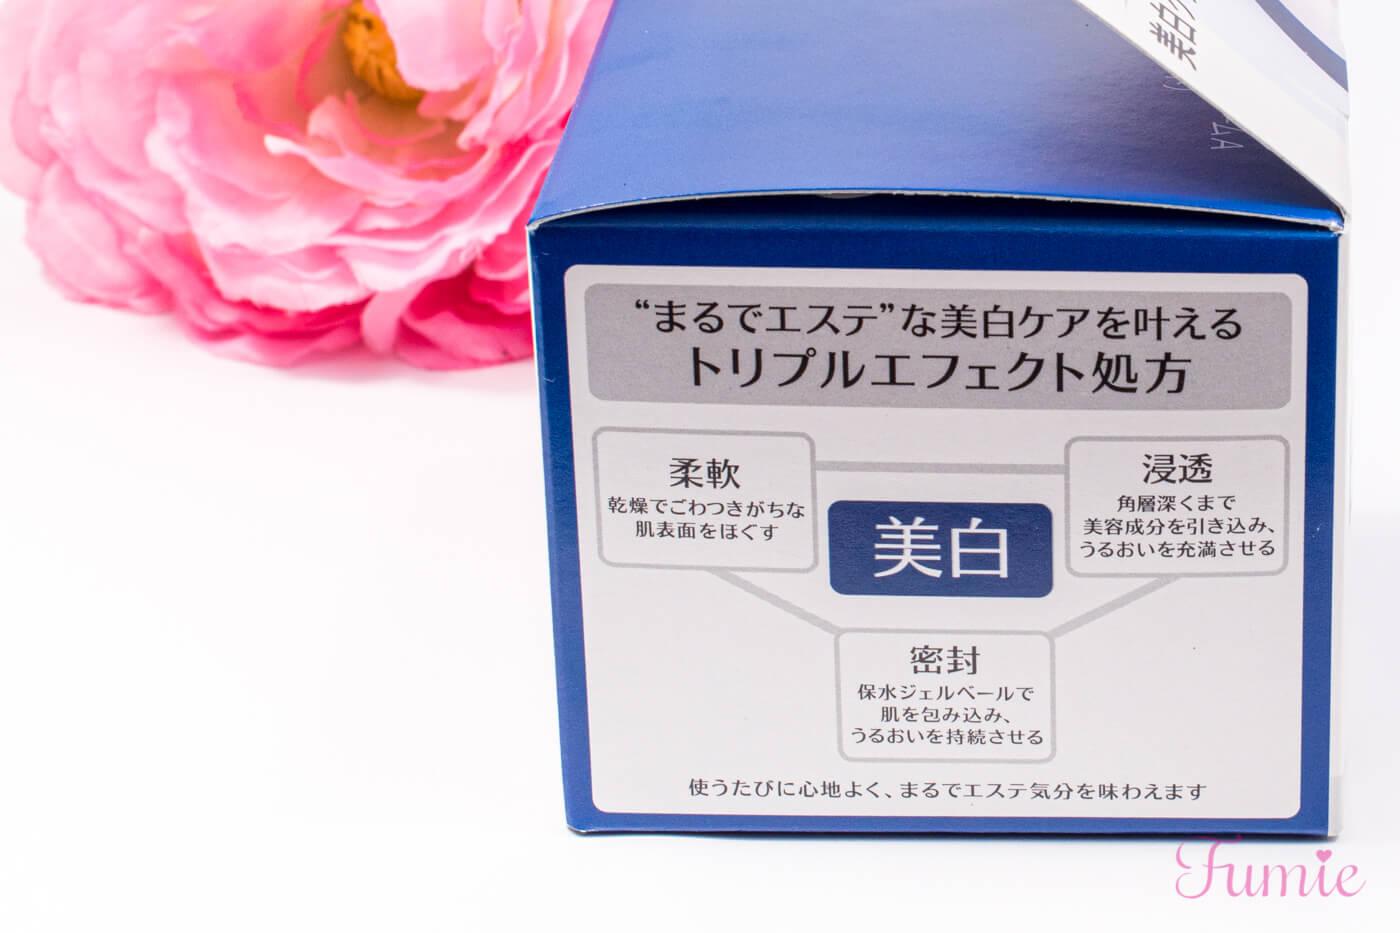 アクアレーベル スペシャルジェルクリーム(ホワイト) 外箱左側面